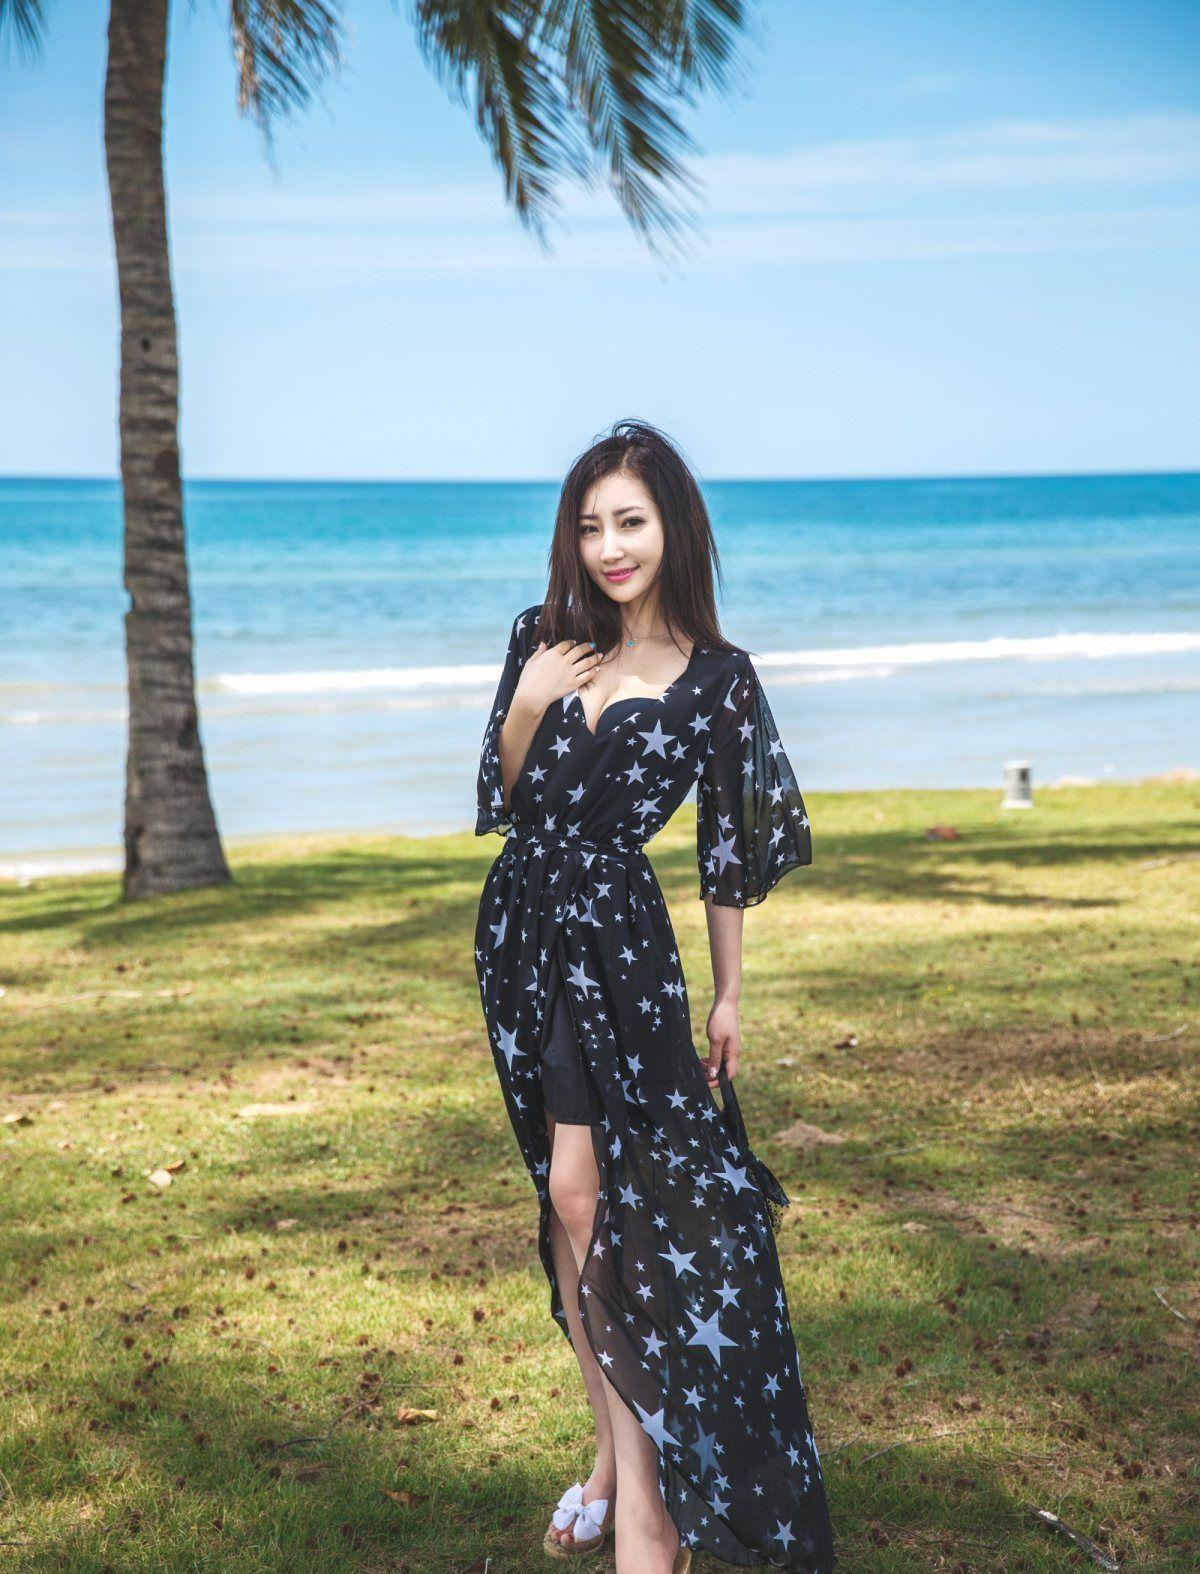 宁静的海边沙滩,发现美丽